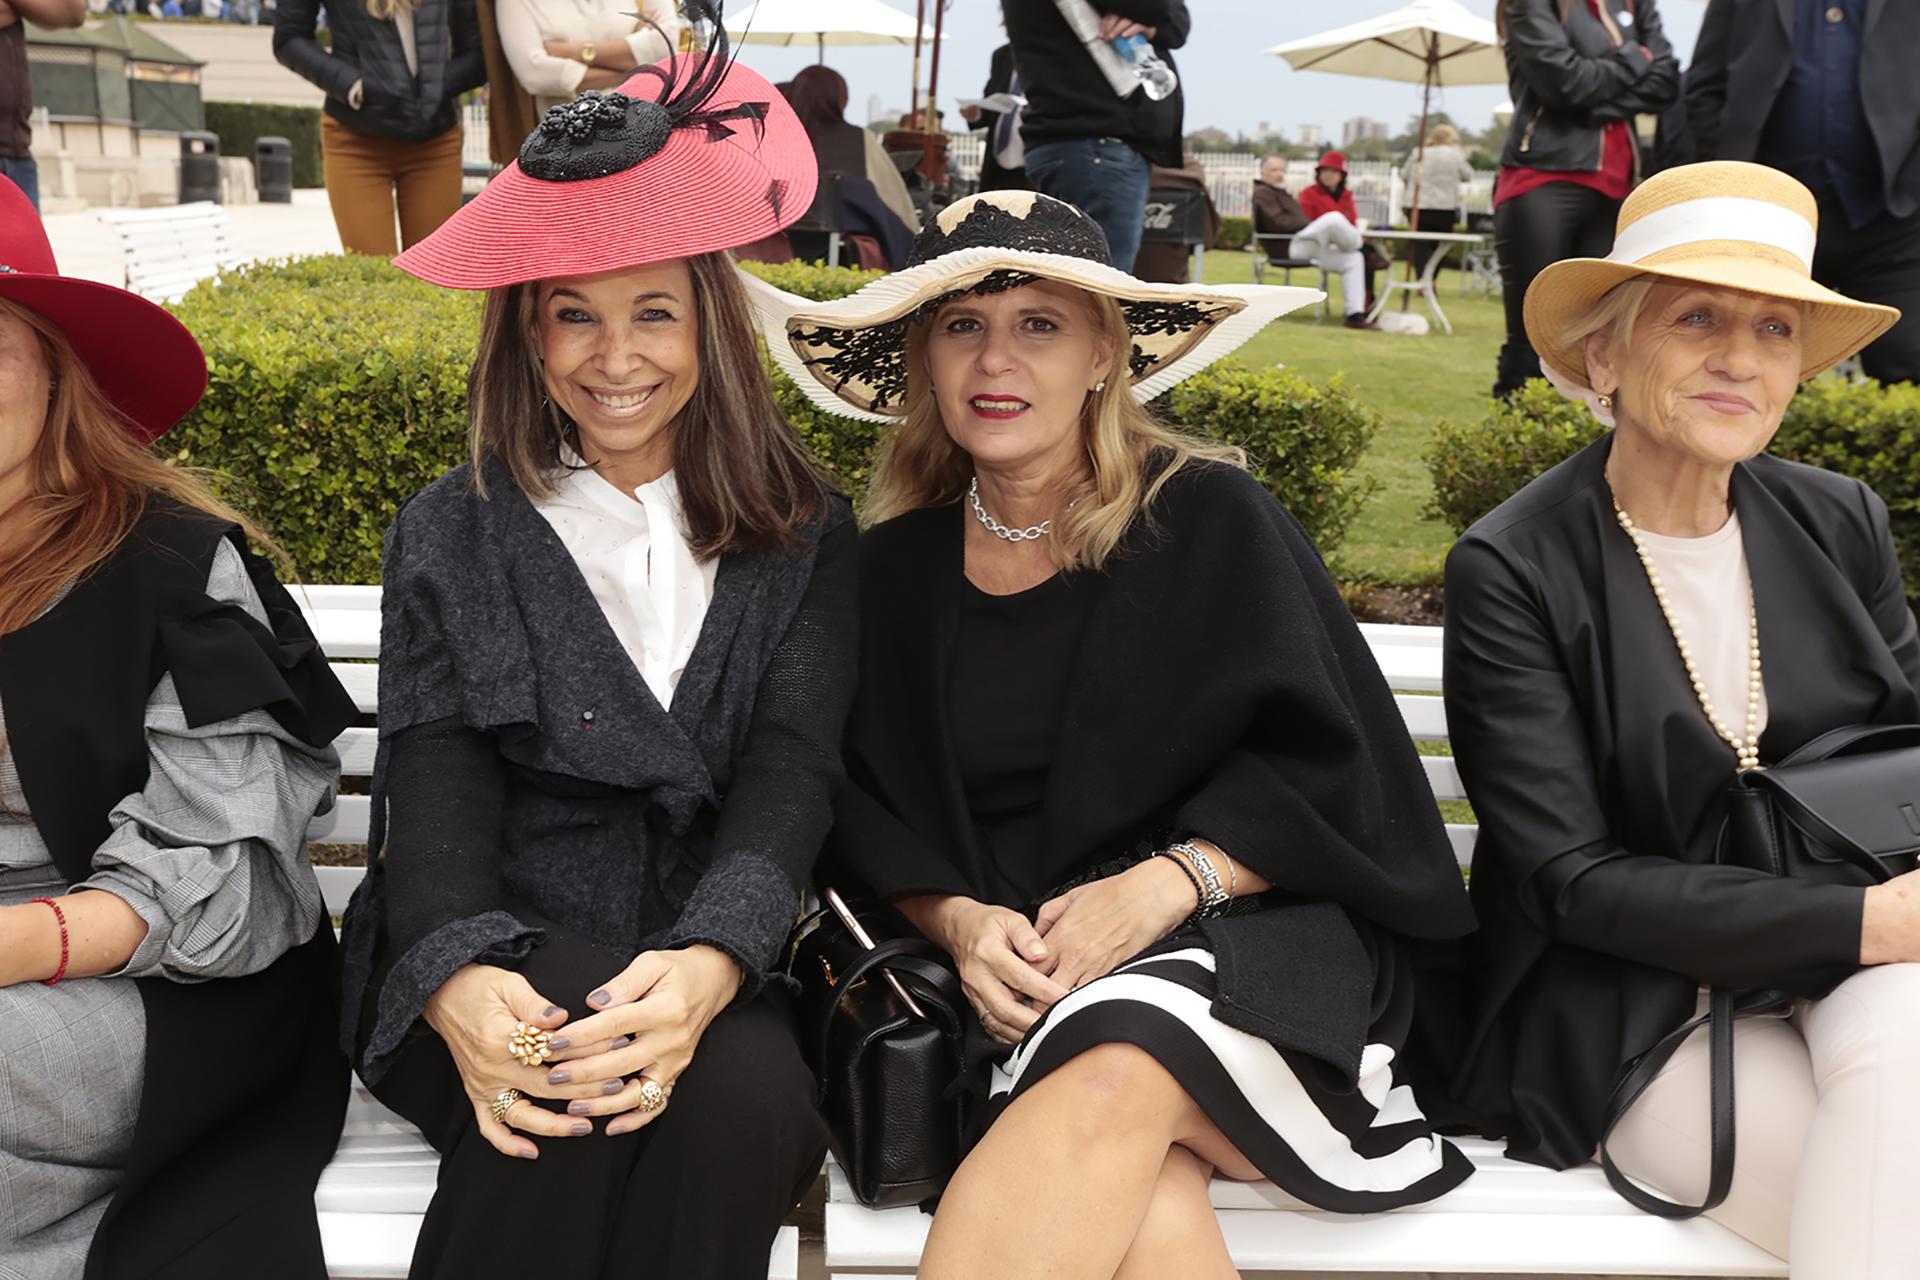 La audiencia llevó sus fascinators y sombreros al mejor estilo Ascot y con contenido sustentable, propuesto por Ecomujeres